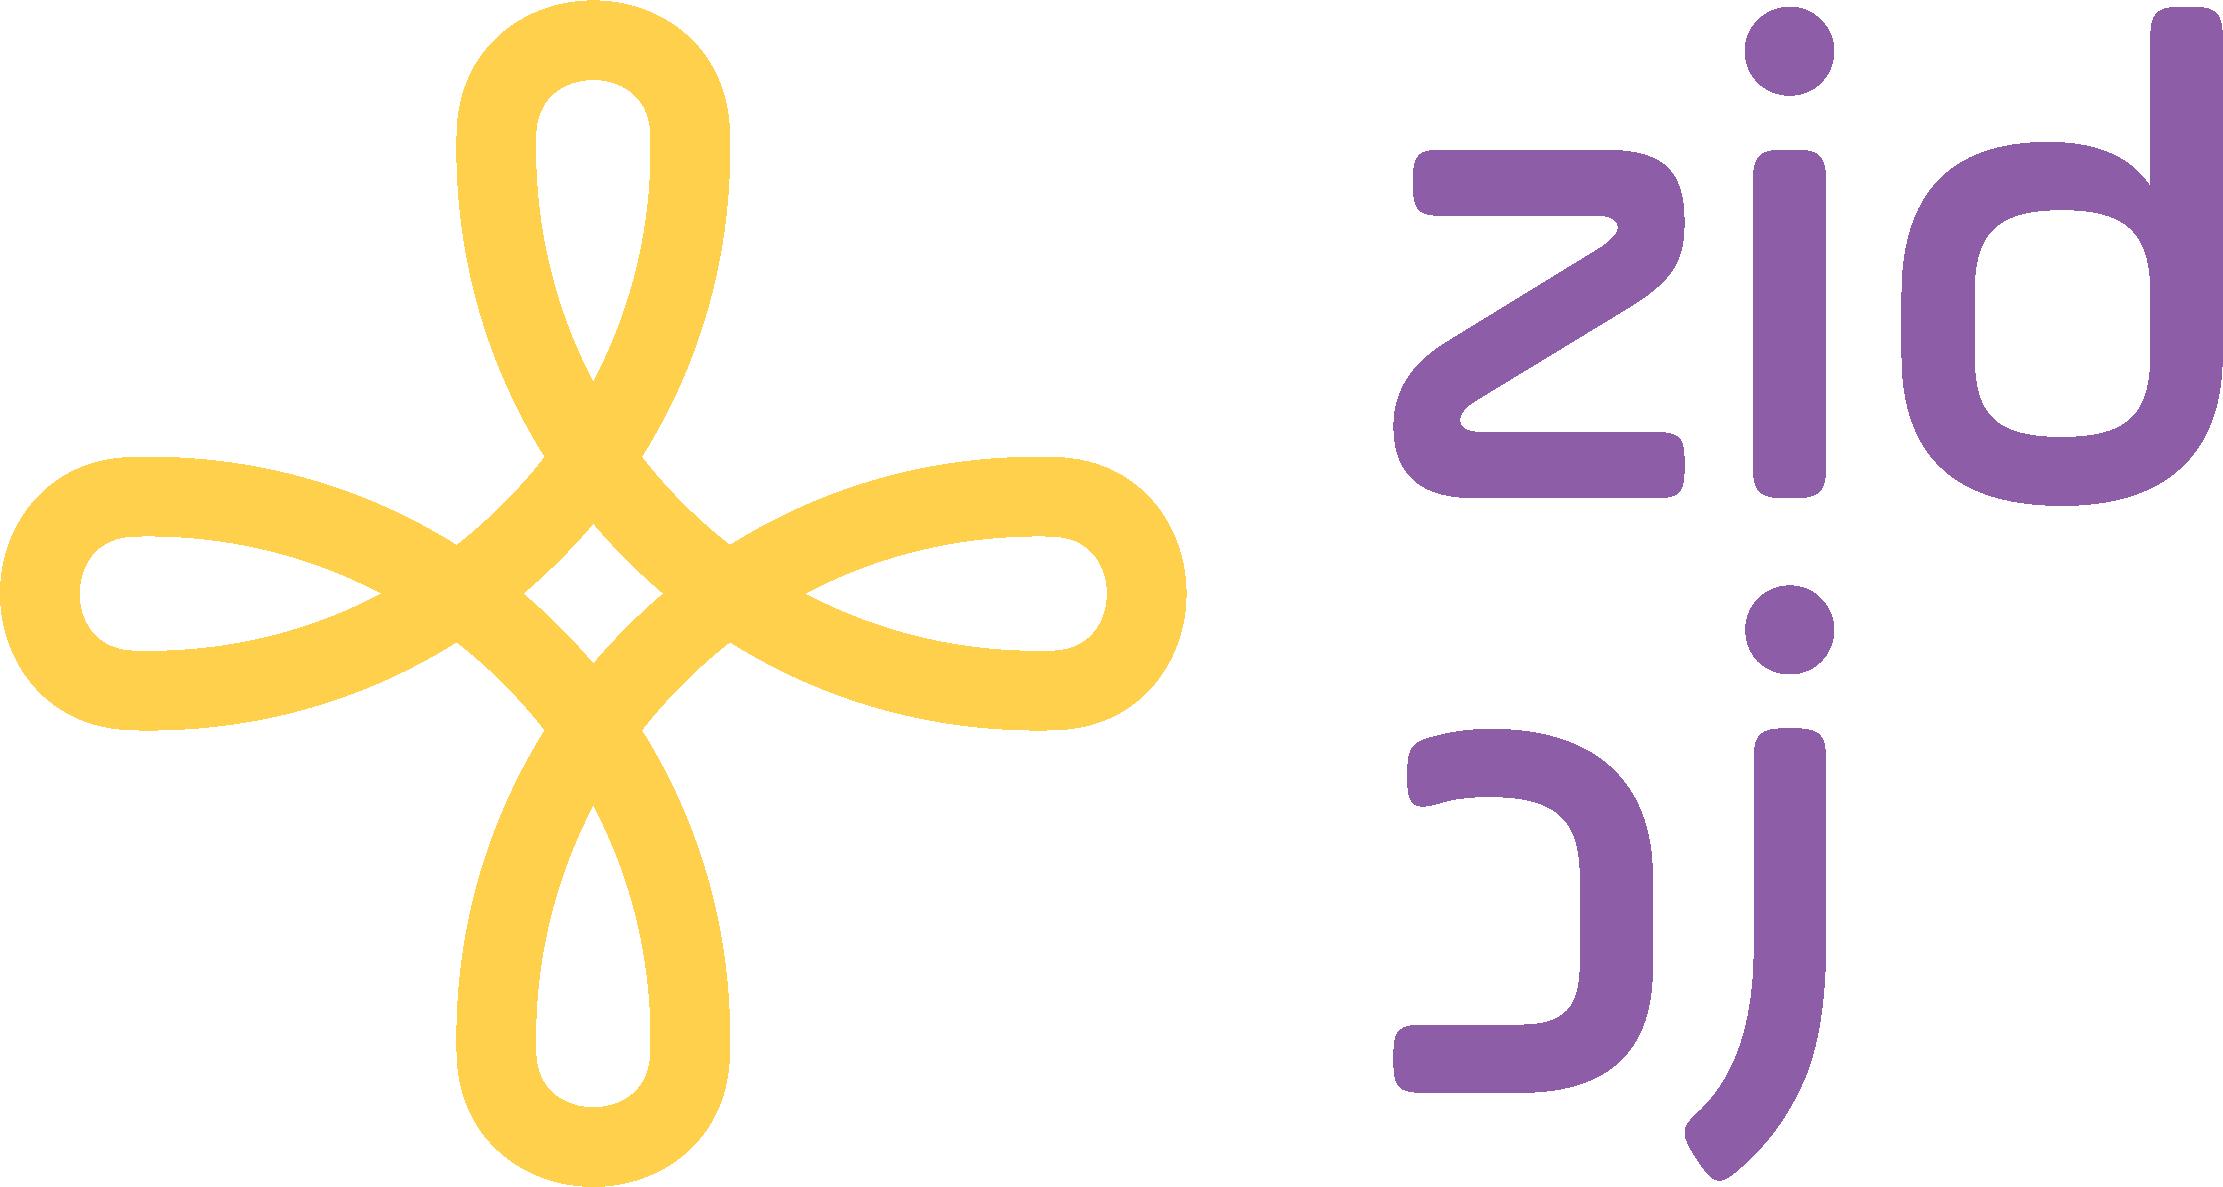 zid_full_logo